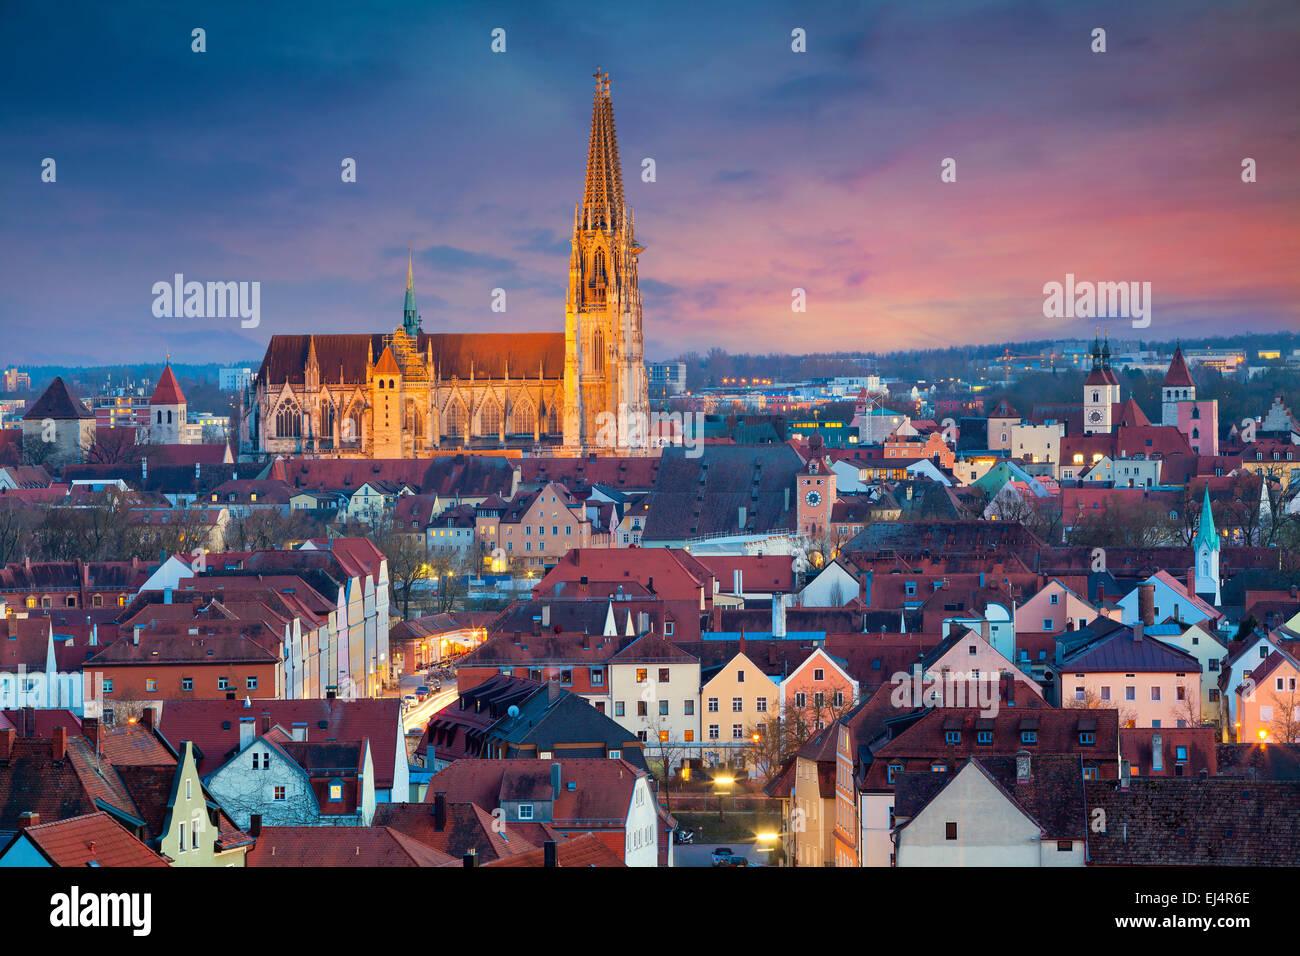 Regensburg. La imagen de la UNESCO y el patrimonio histórico de la ciudad bávara de Regensburg. Imagen De Stock